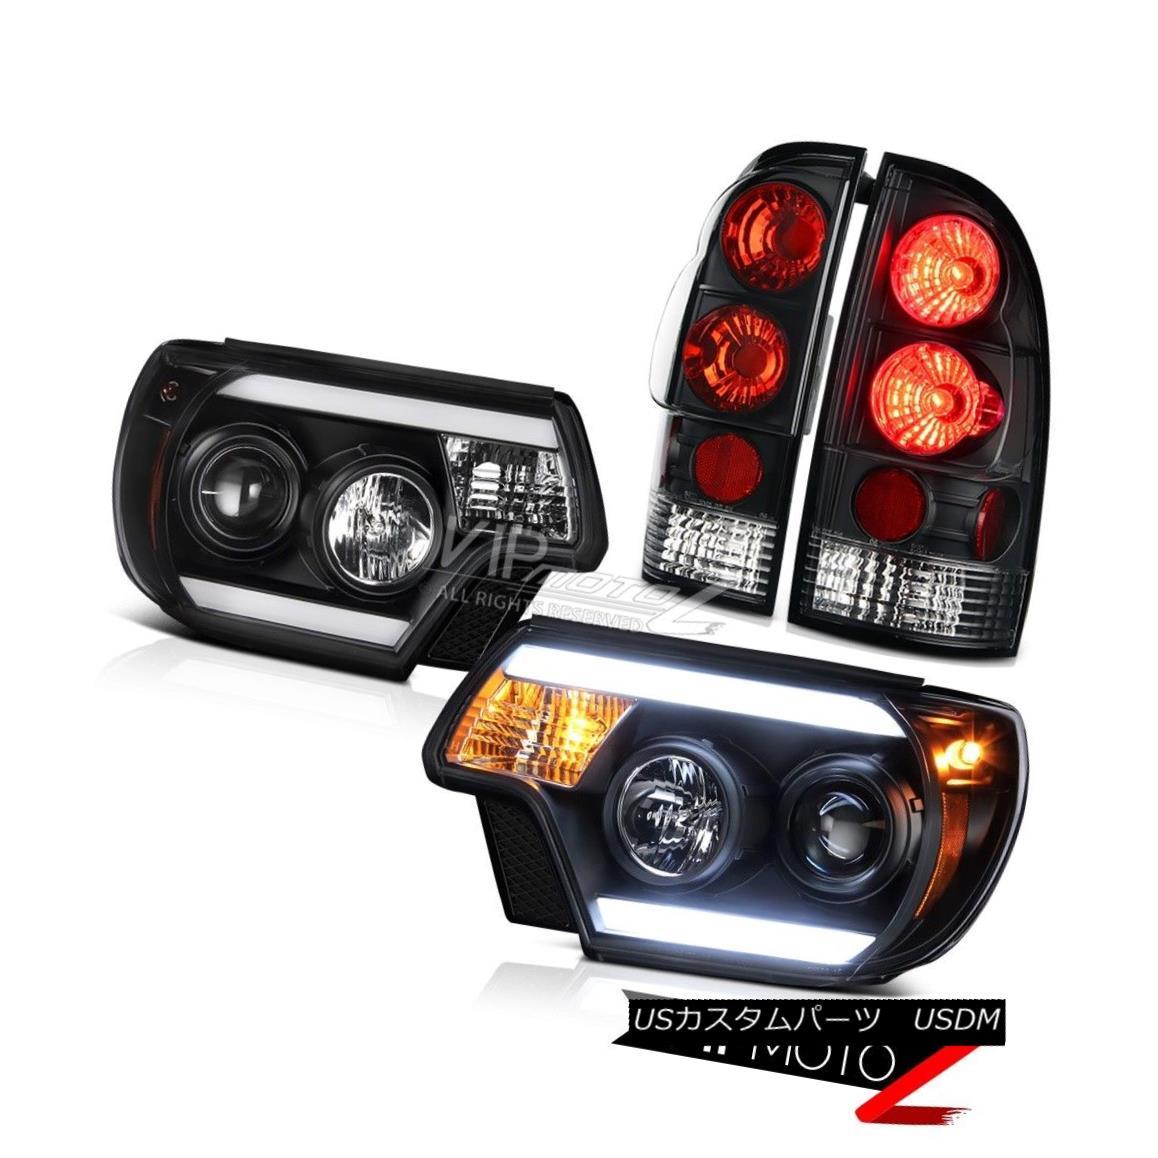 ヘッドライト 12-15 Toyota Tacoma TRD Pro Black headlamps taillamps CYCLOP OPTIC Altezza Cool 12-15トヨタタコマTRDプロブラックヘッドランプテールライトCYCLOP OPTIC Altezza Cool